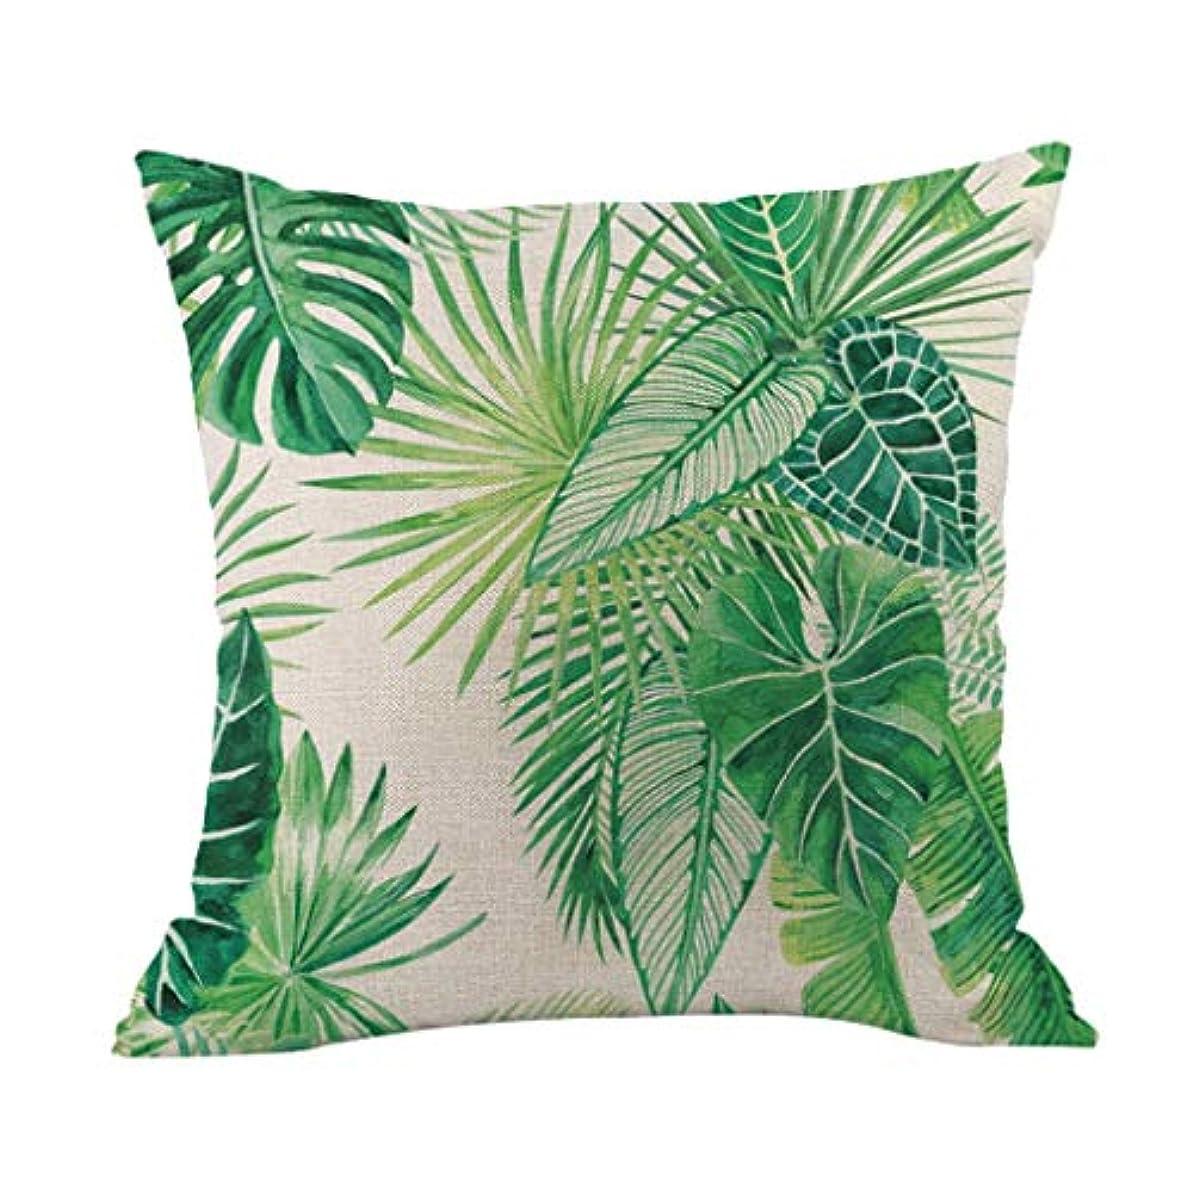 ベリ想像力豊かな面積LIFE 高品質クッション熱帯植物ポリエステル枕ソファ投げるパッドセットホーム人格クッション coussin decoratif クッション 椅子